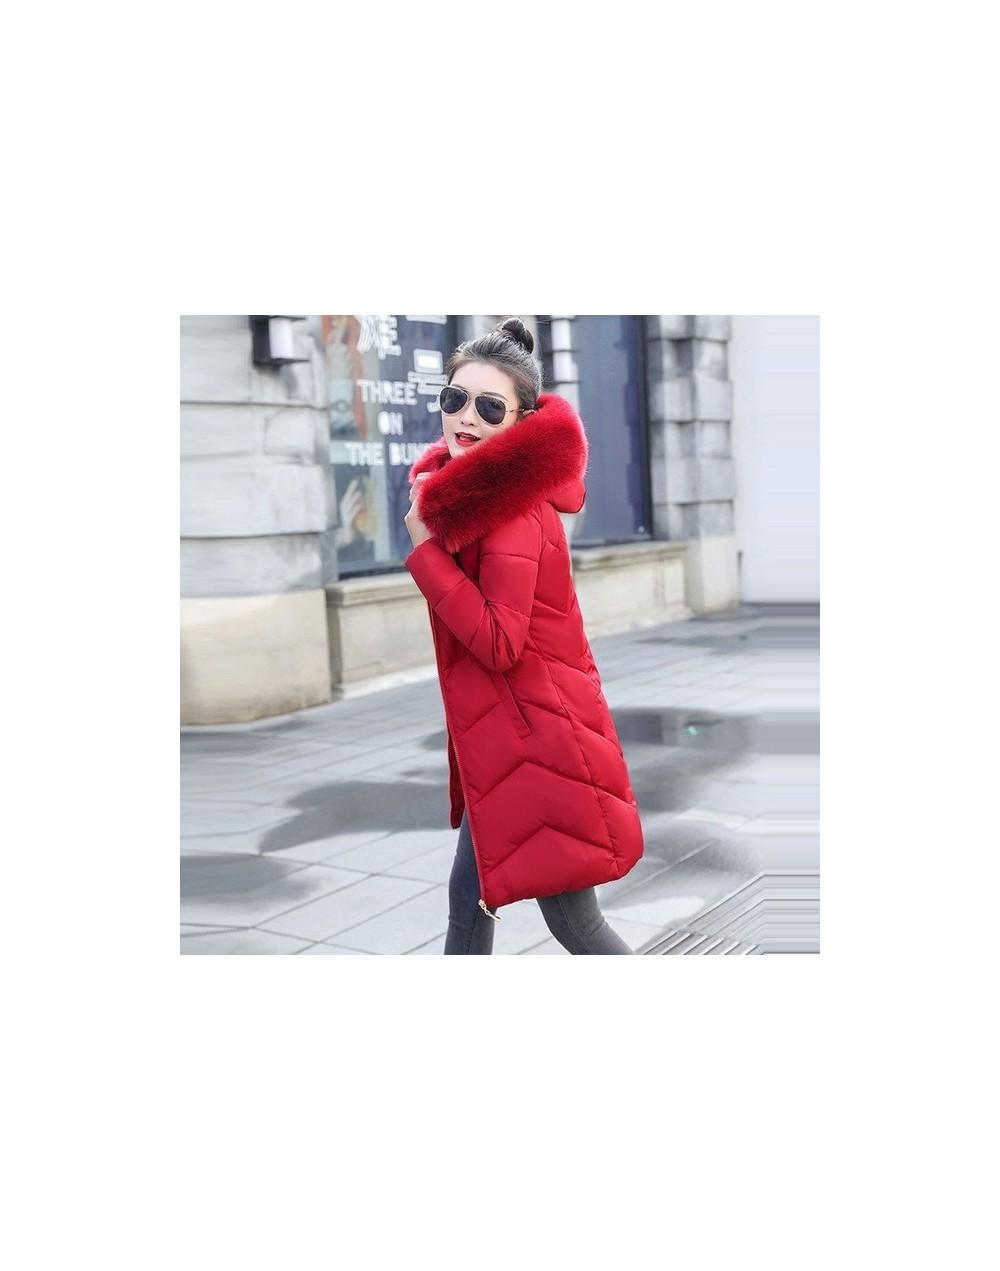 winter jacket women 2019 Winter Female Long Jacket Winter Coat Women Fake Fur Collar Warm Woman Parka Outerwear Down Jacket ...